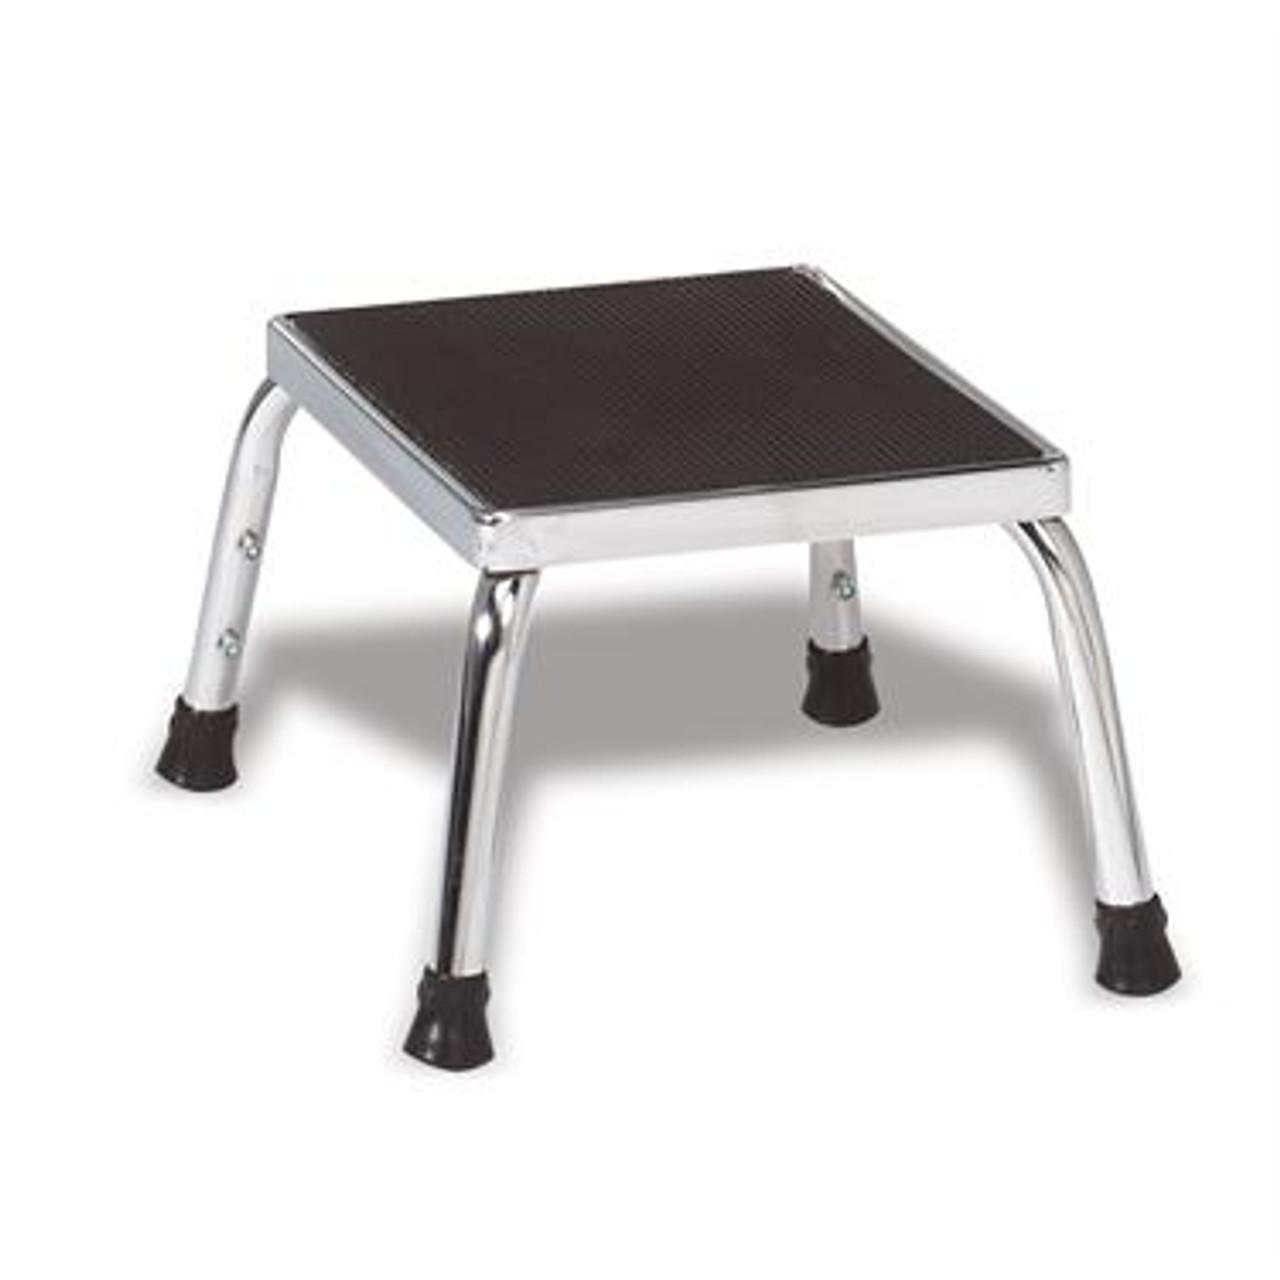 Outstanding Novum Nk Fs1 Step Stool Lamtechconsult Wood Chair Design Ideas Lamtechconsultcom